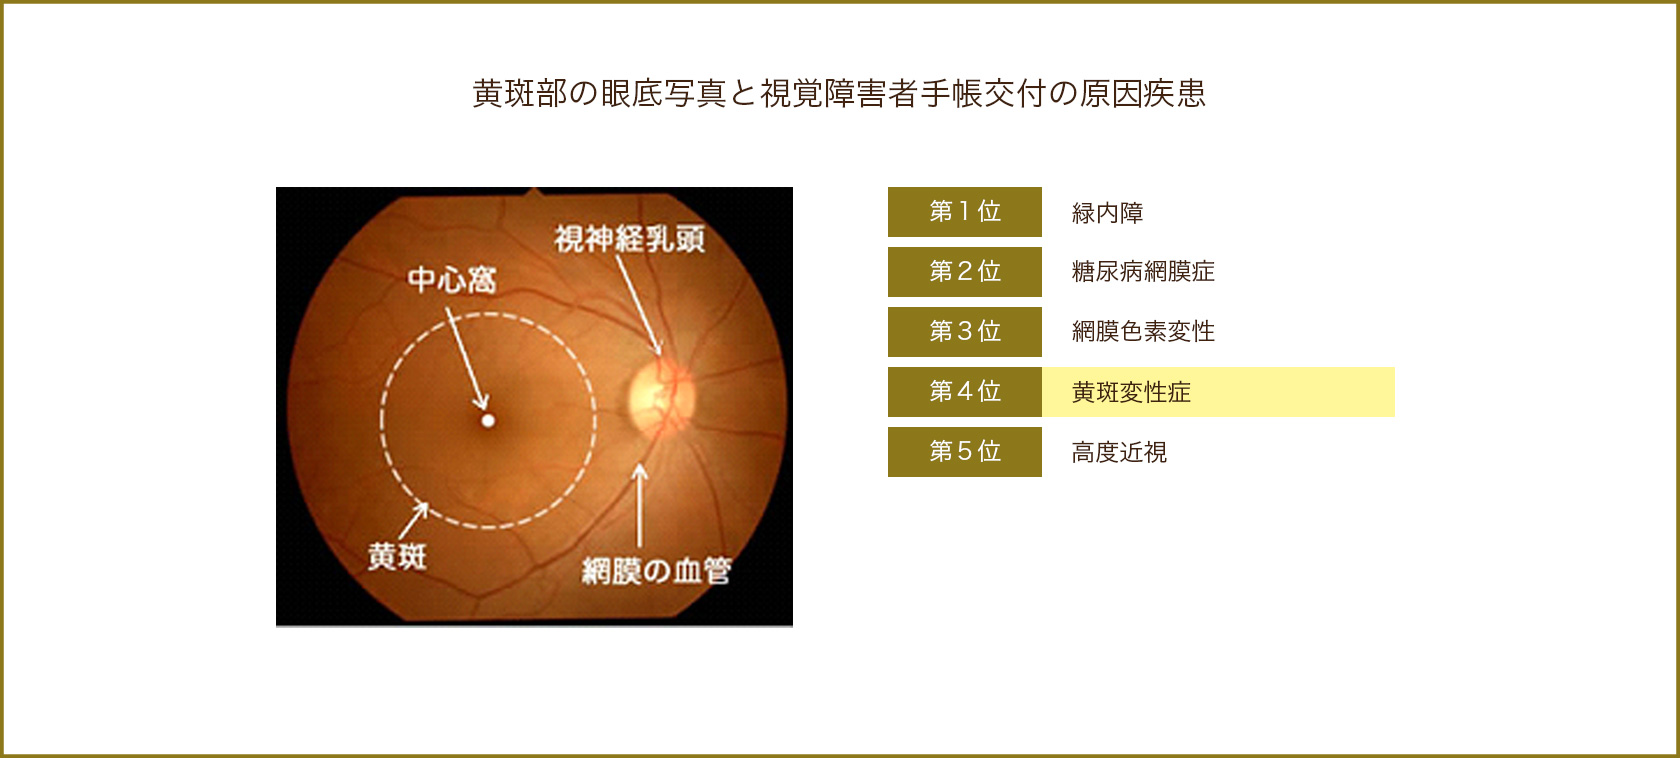 黄斑部の眼底写真と視覚障害者手帳交付の原因疾患